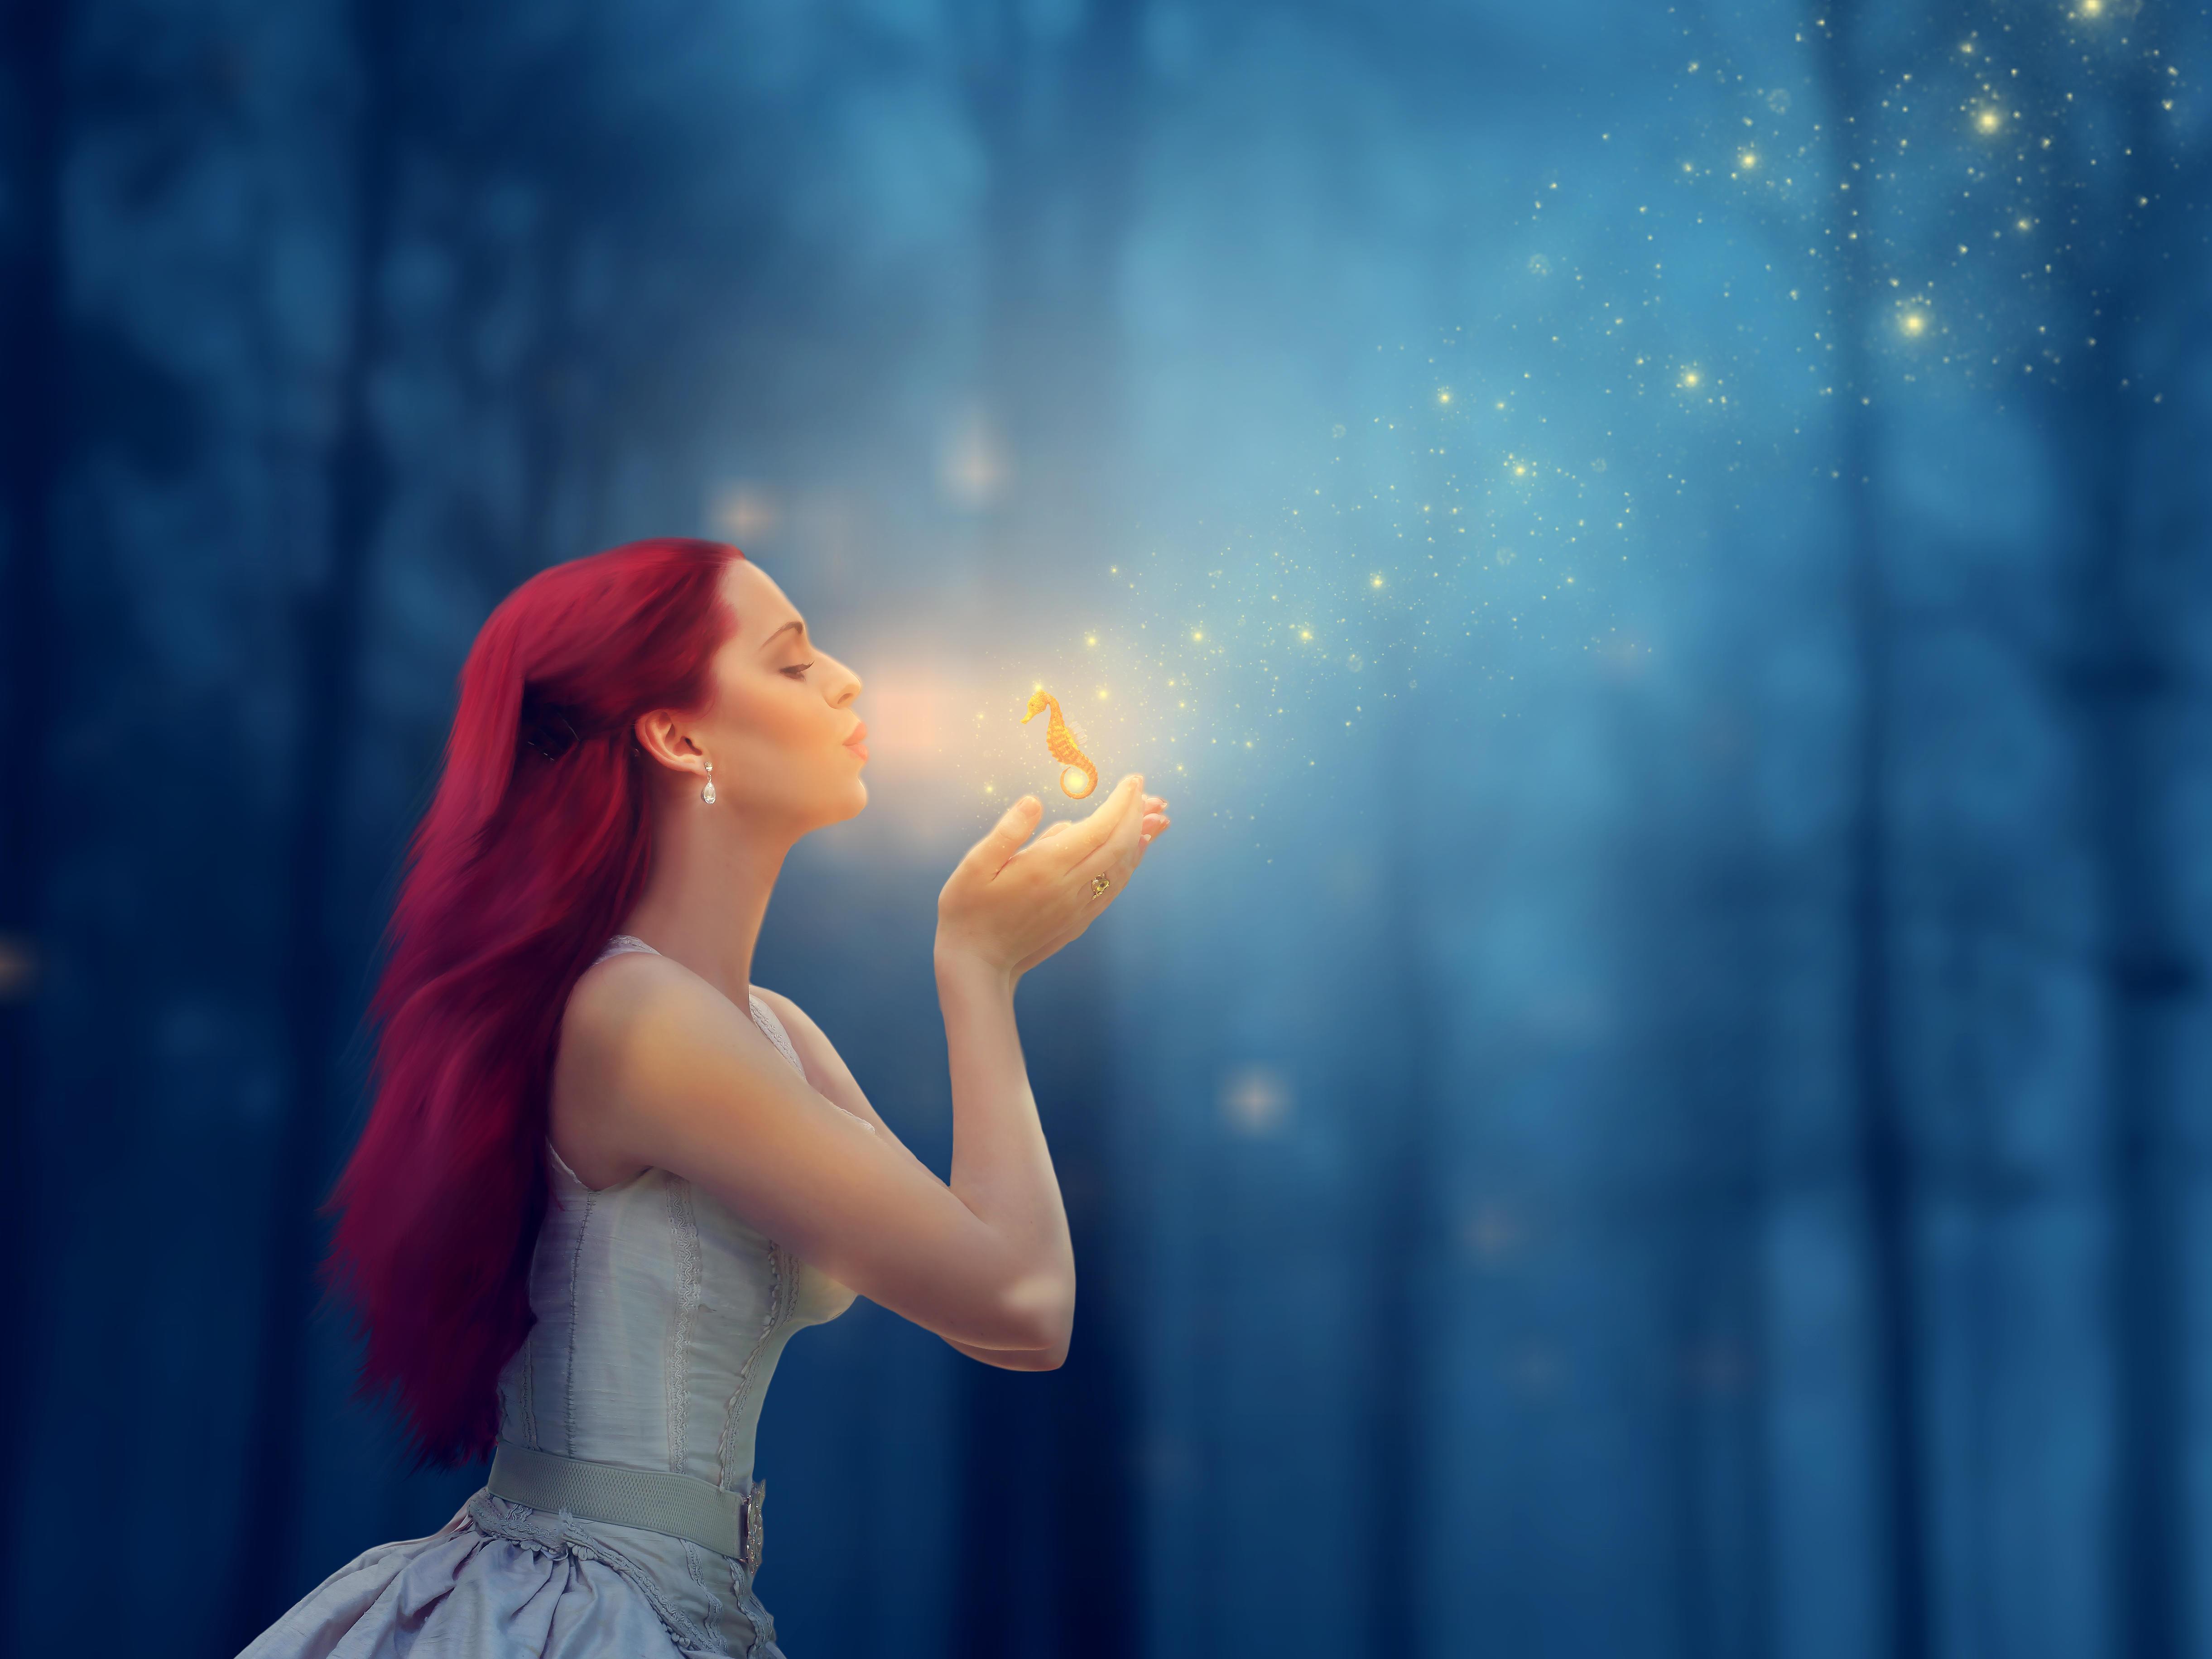 Картинки с волшебством необычные